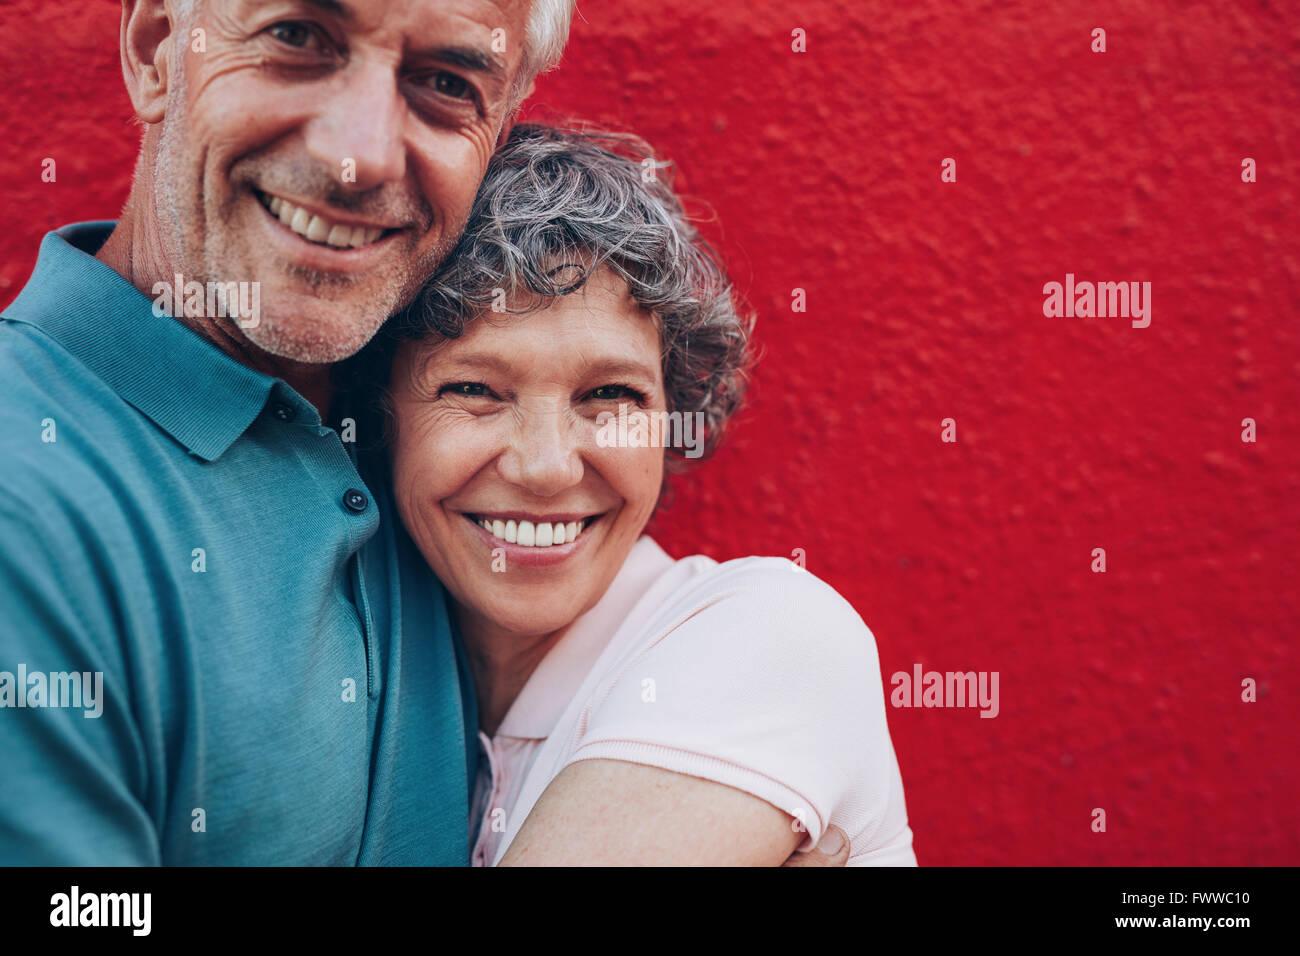 Ritratto di Allegro Coppia di mezza età che abbraccia ogni altra contro lo sfondo di colore rosso. Uomo maturo Immagini Stock